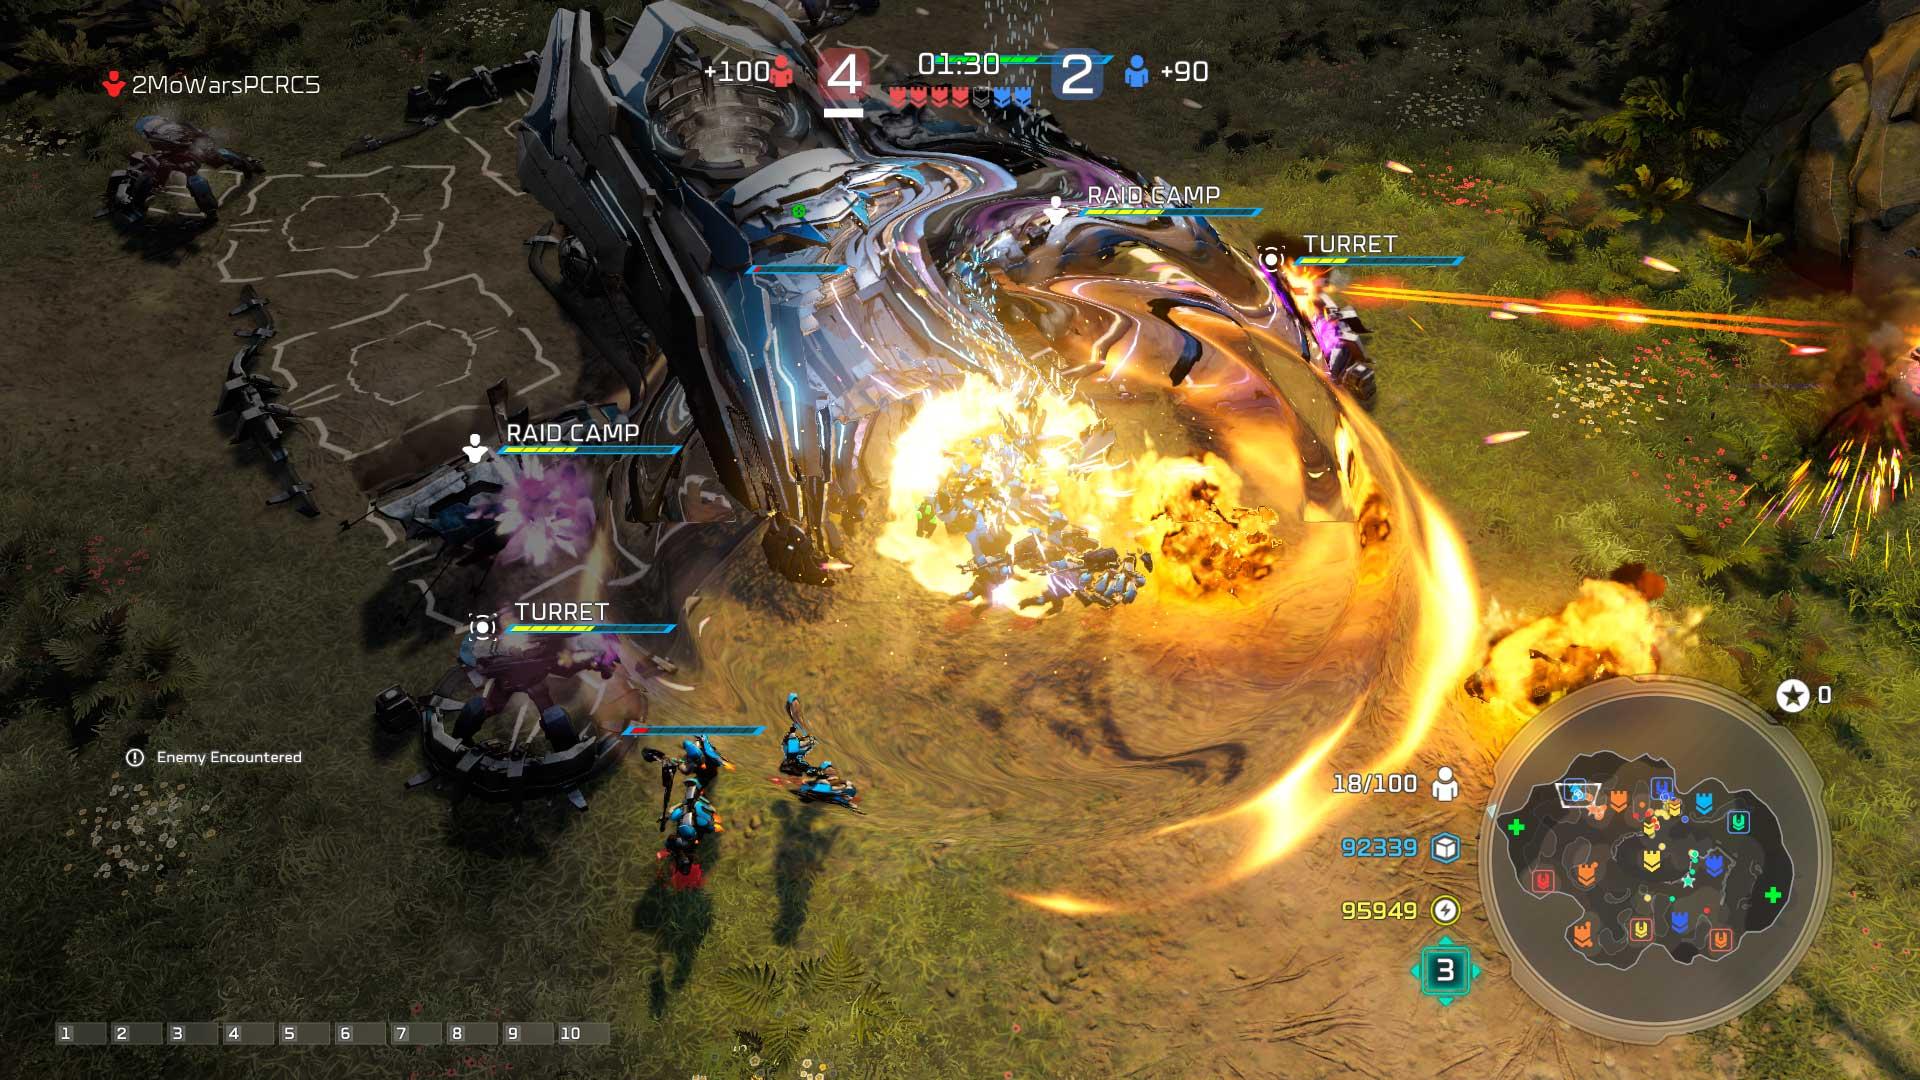 Análisis de Halo Wars 2 en Xbox One y Windows 10 2